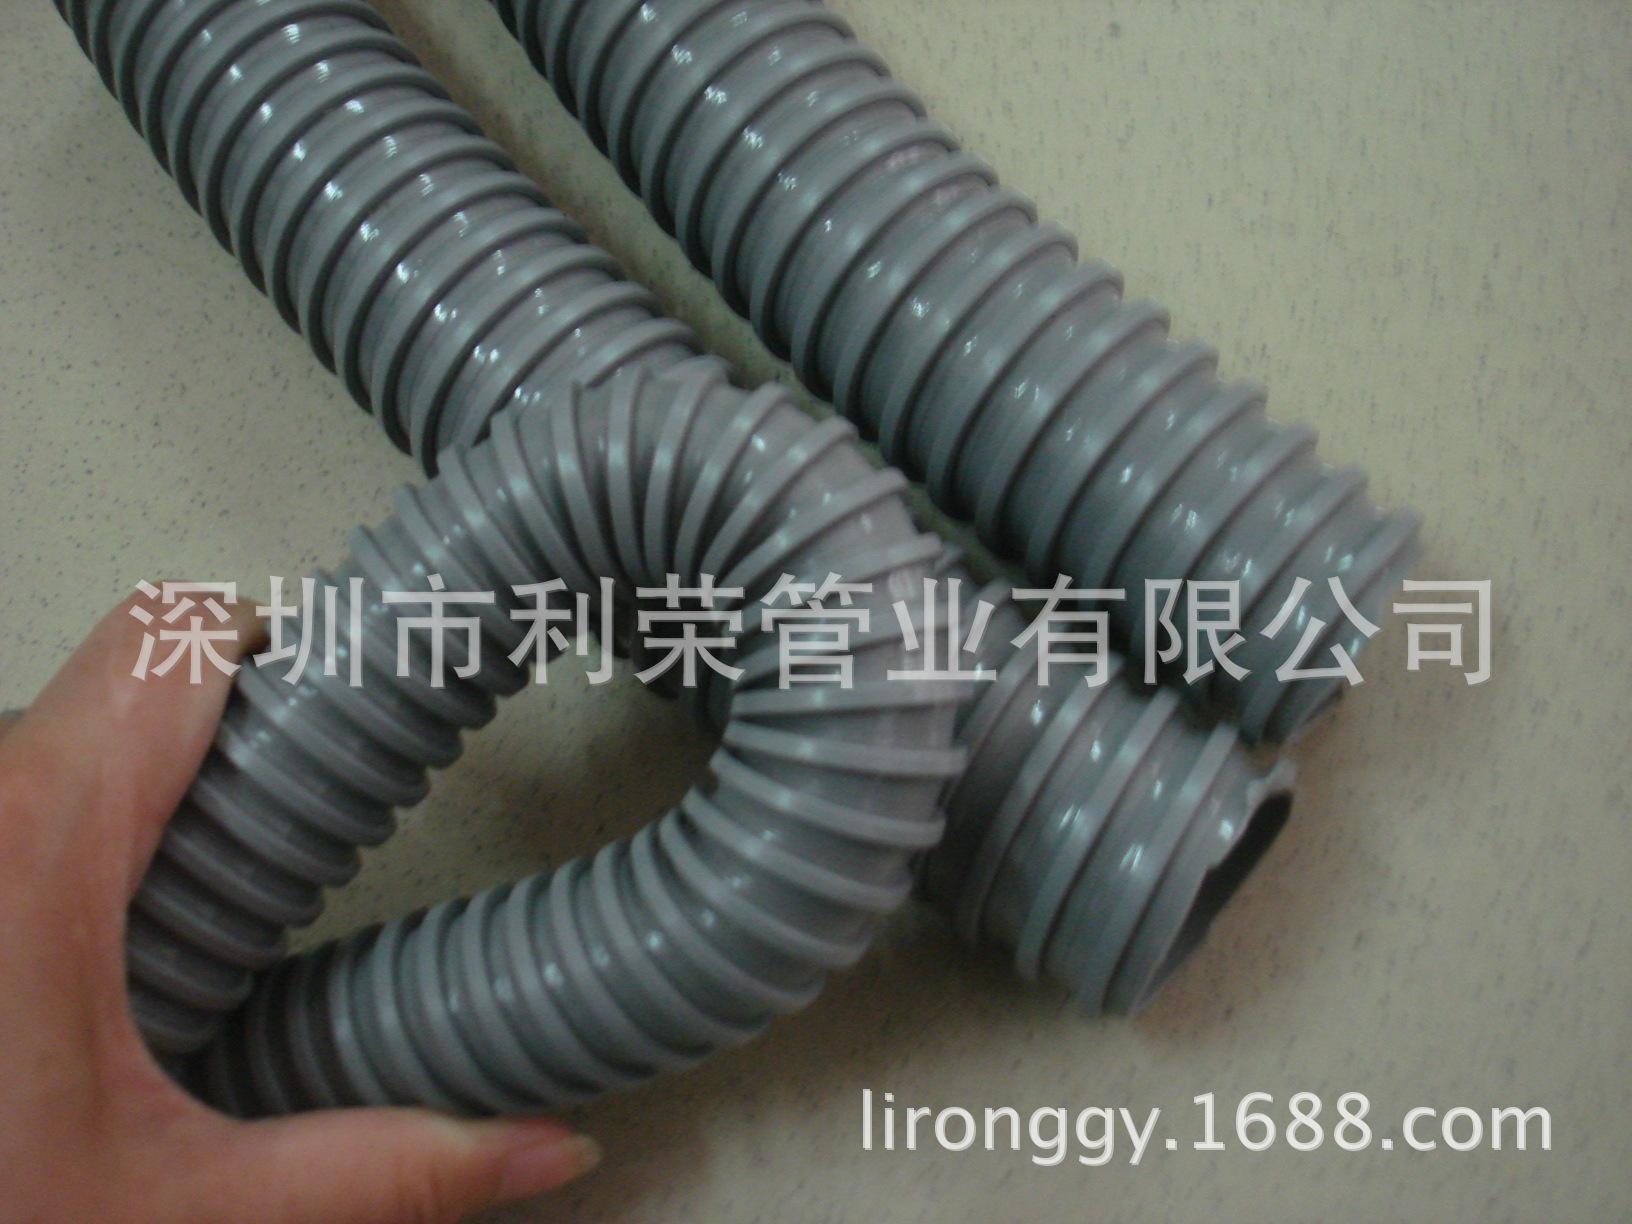 pvc排水管,塑料软管,pvc塑料管,塑料波纹管,方骨增强软